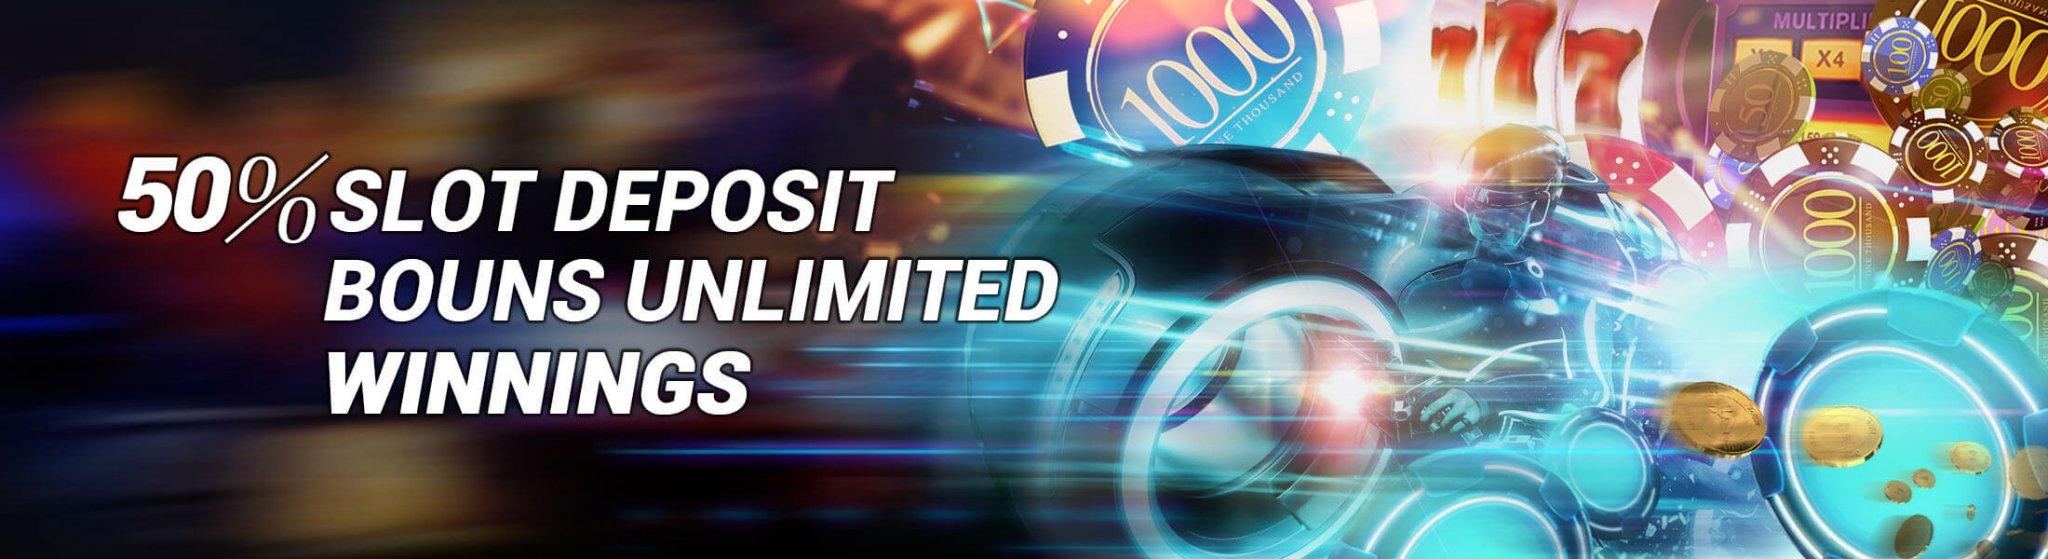 iBET-50-Slot-Game-Deposit-Bonus-2200x600